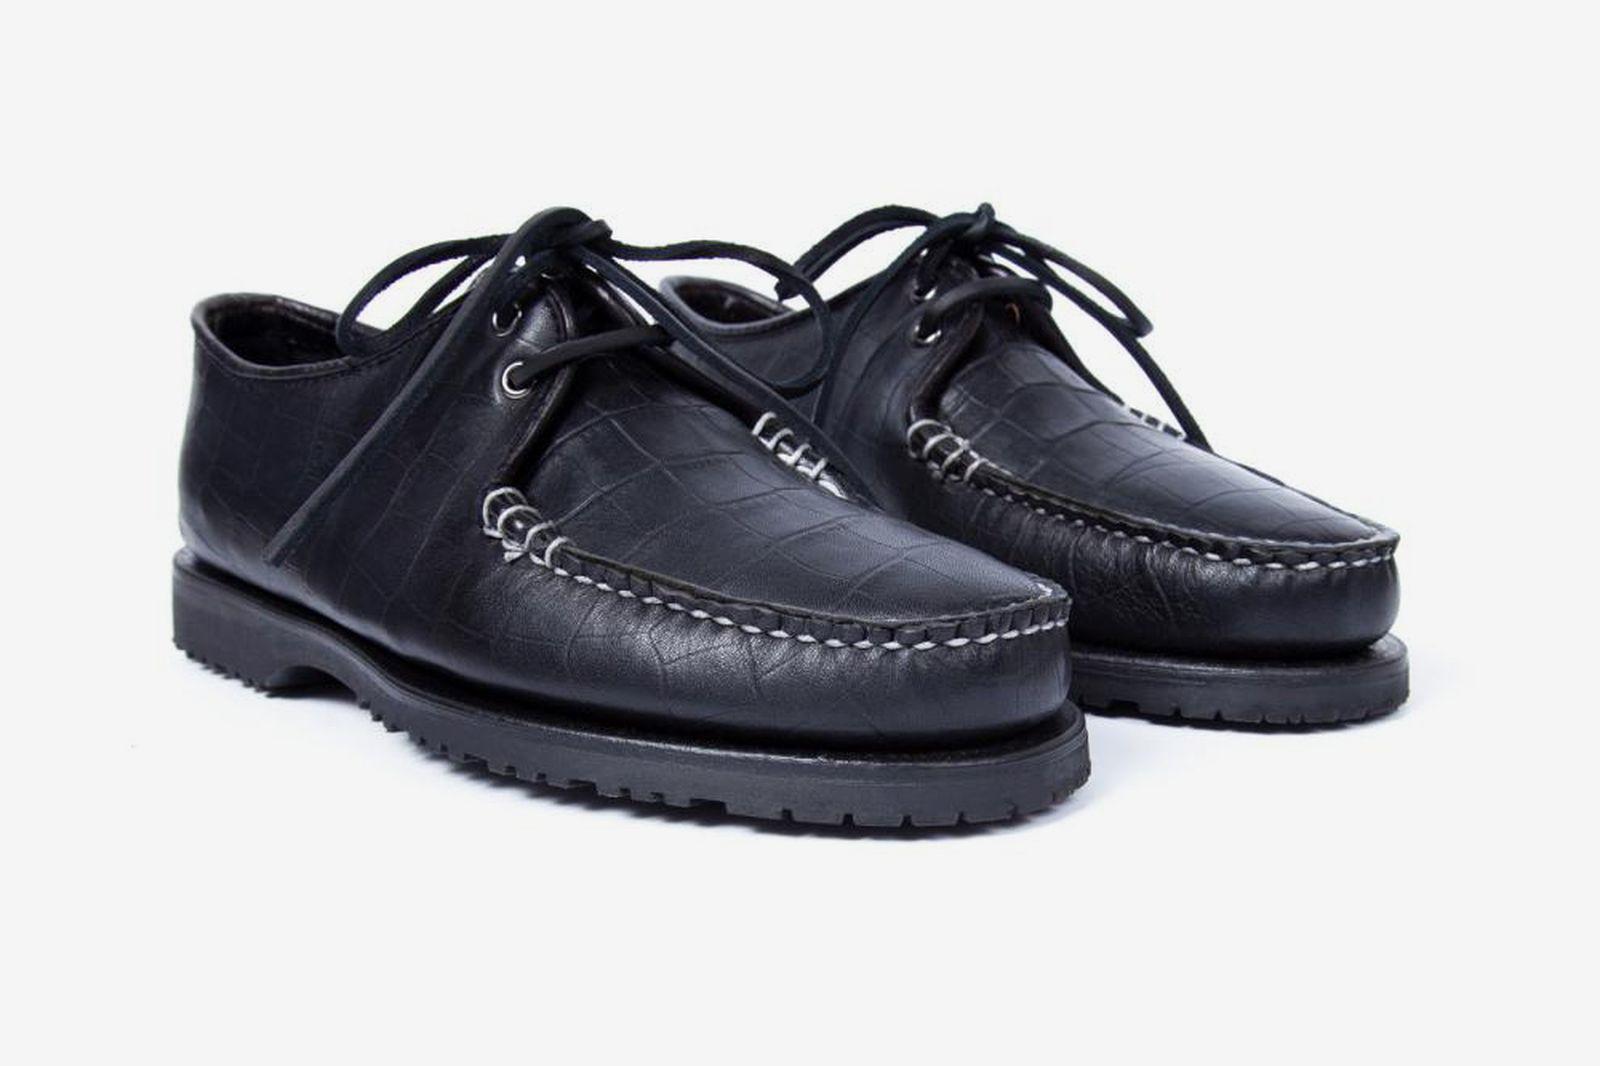 Noah x Sperry Captain's Oxford black